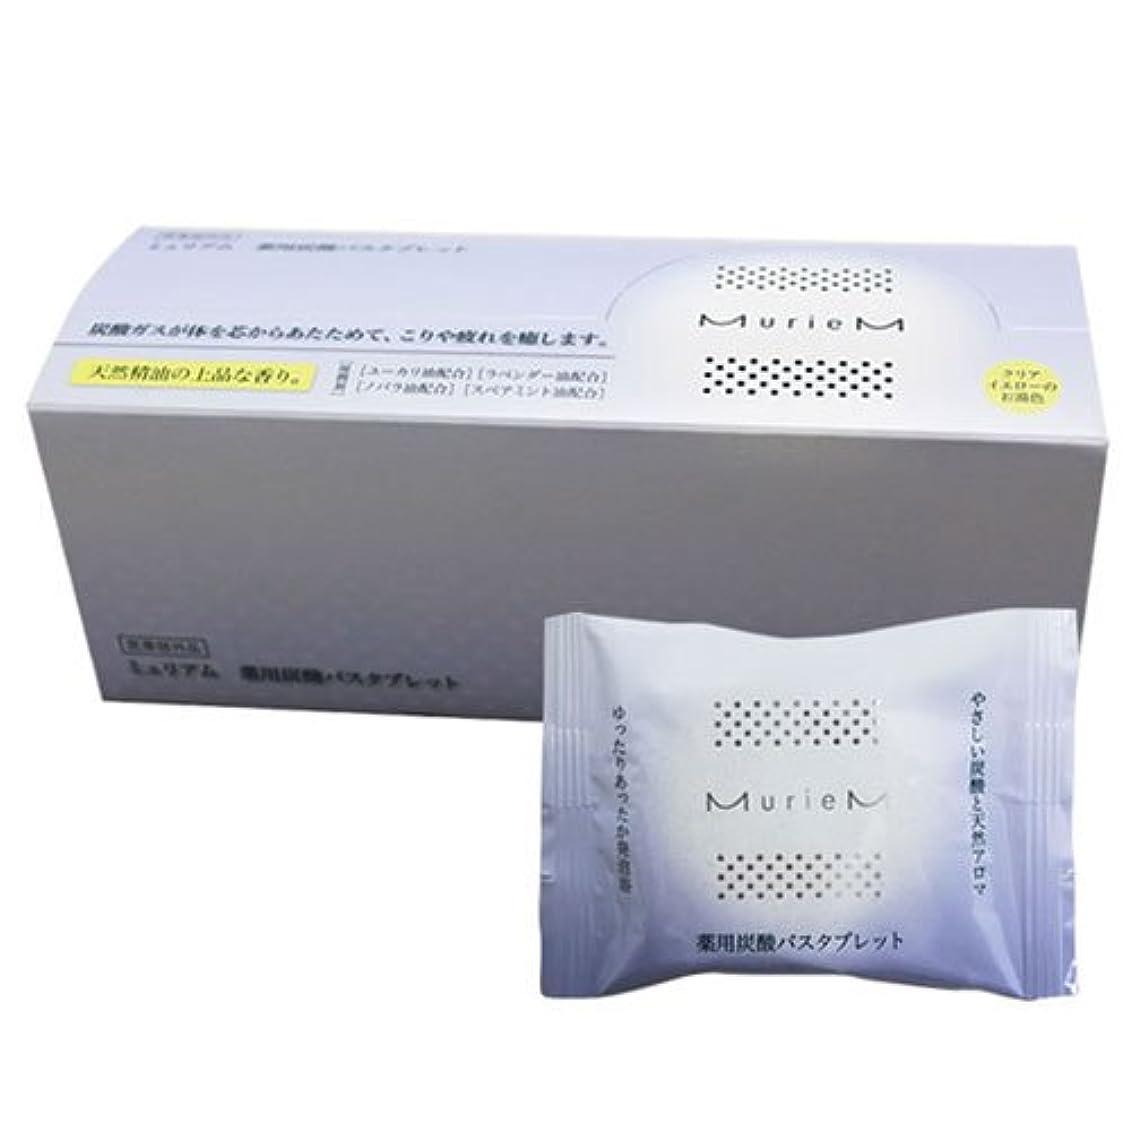 カップ例外地中海ナンバースリー ミュリアム 薬用炭酸バスタブレット 30g×10包 [医薬部外品]